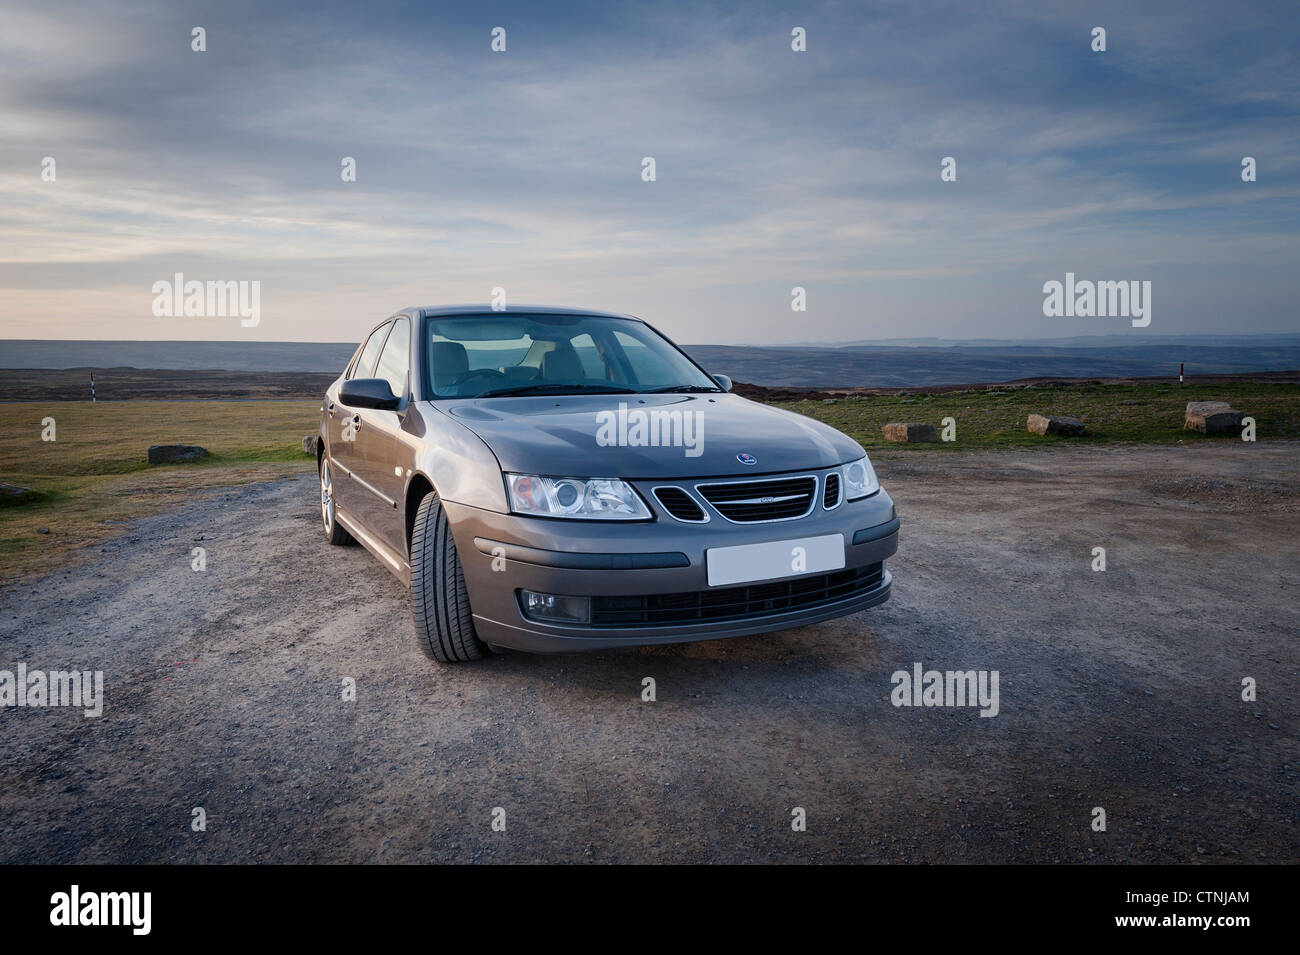 Saab 9-3 - Stock Image